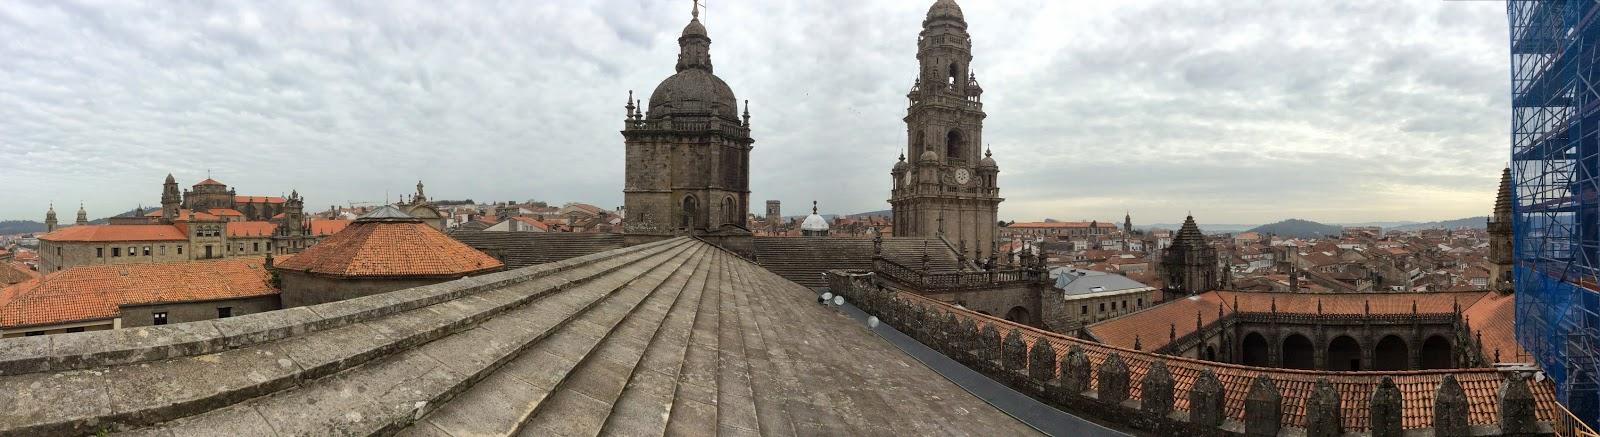 Panorámica desde los tejados de la Catedral de Santiago de Compostela